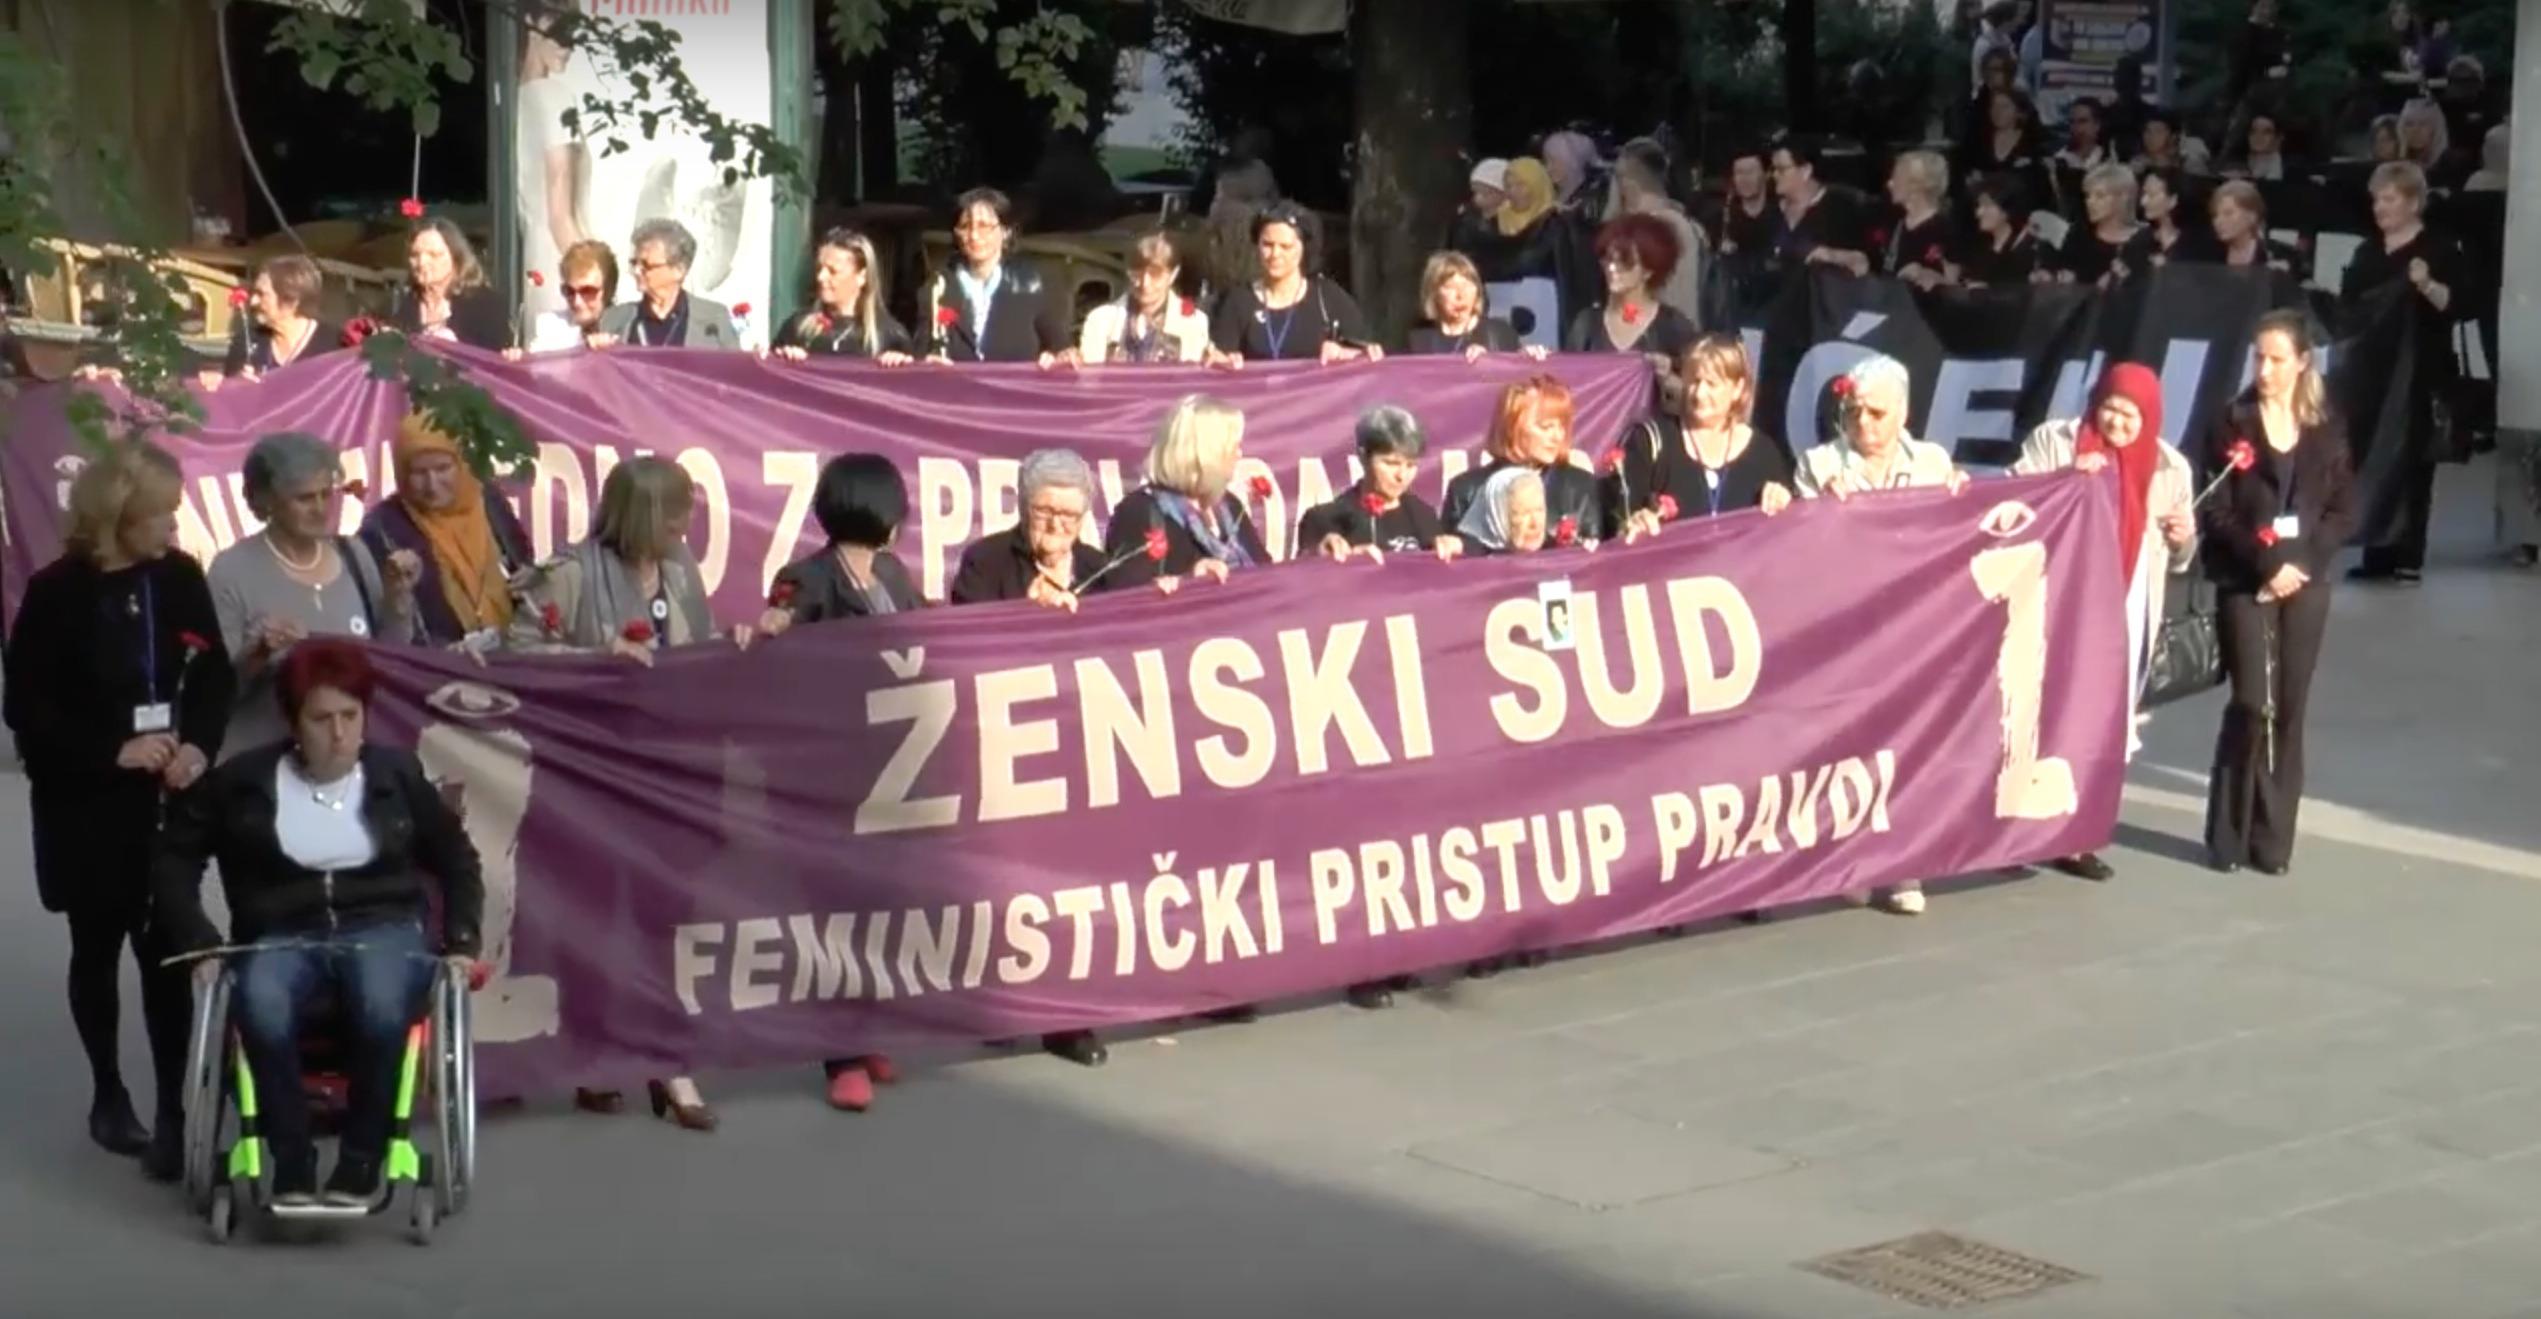 zenski-sud-1